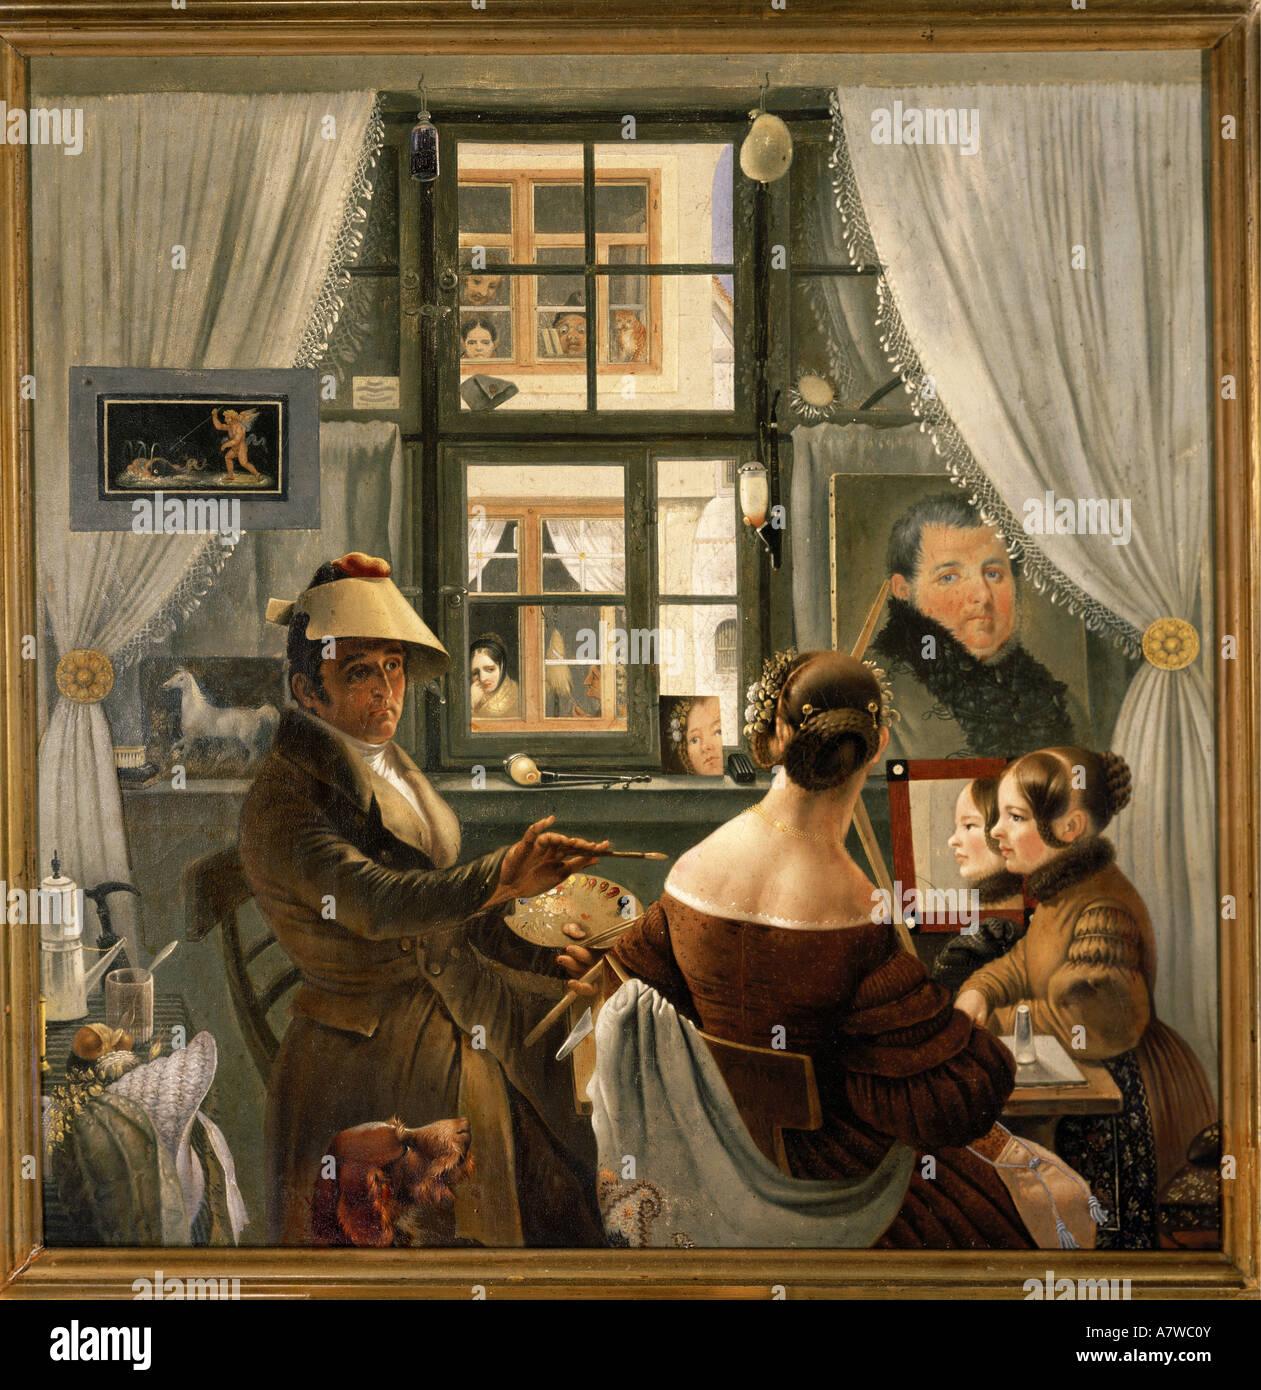 """Bildende Kunst, Göser, Karl Friedrich, (1803 - 1858), der Malerei, der elbstbildnis im Atelier"""", (elfportrait Stockbild"""